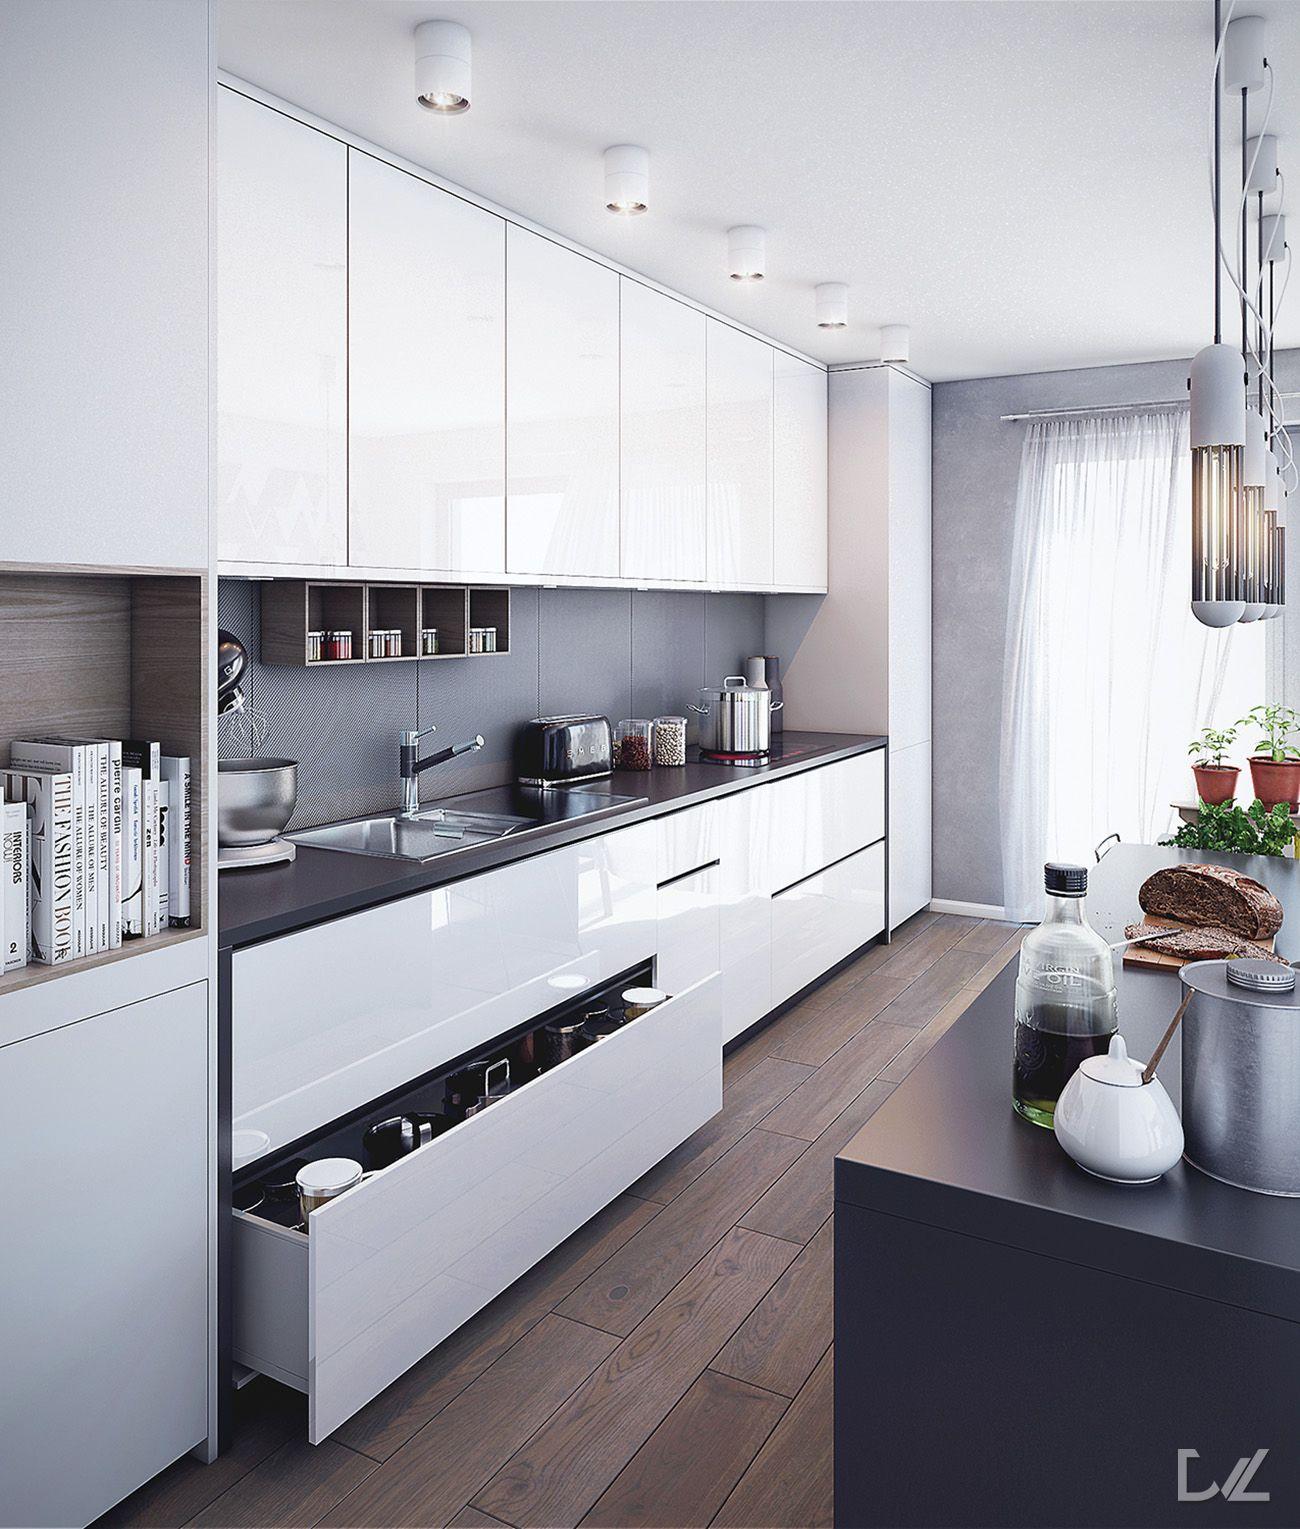 Ziemlich Flat Pack Küchen Melbourne Victoria Zeitgenössisch - Ideen ...